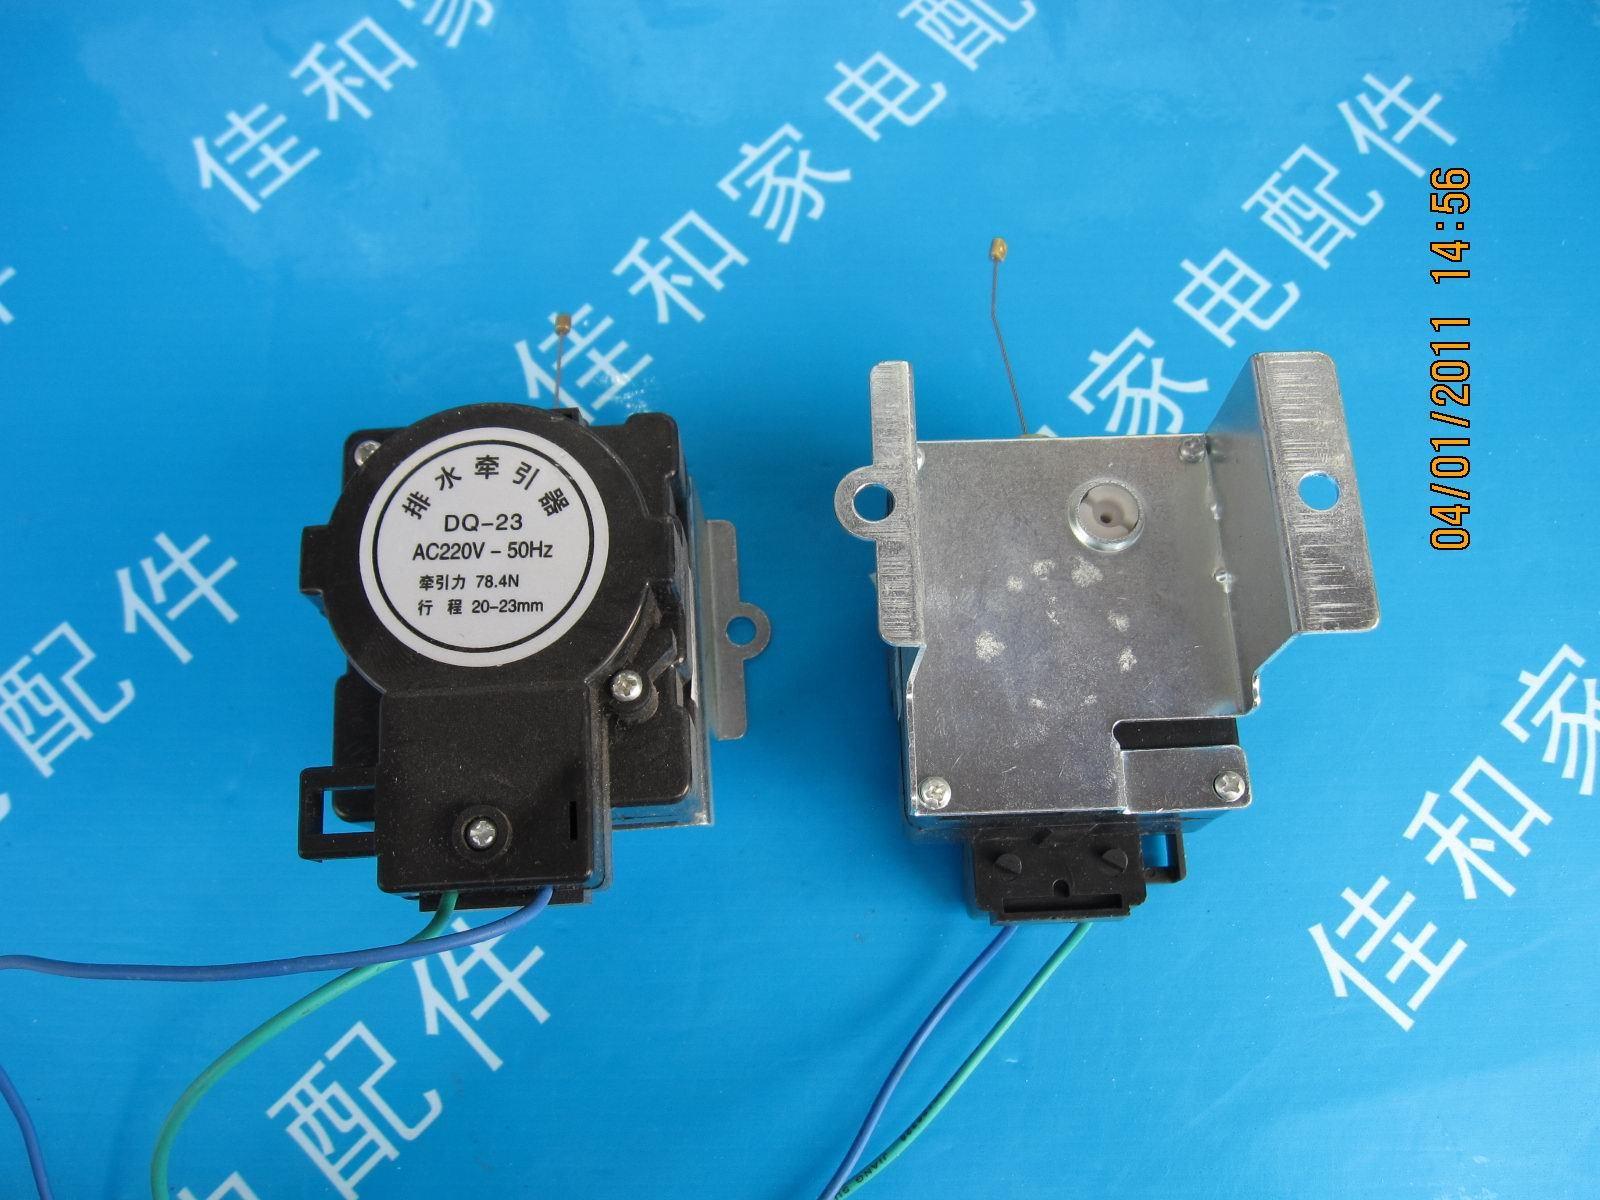 Whirlpool washing machine accessories drain tractor whale washing machine drain tractor(China (Mainland))